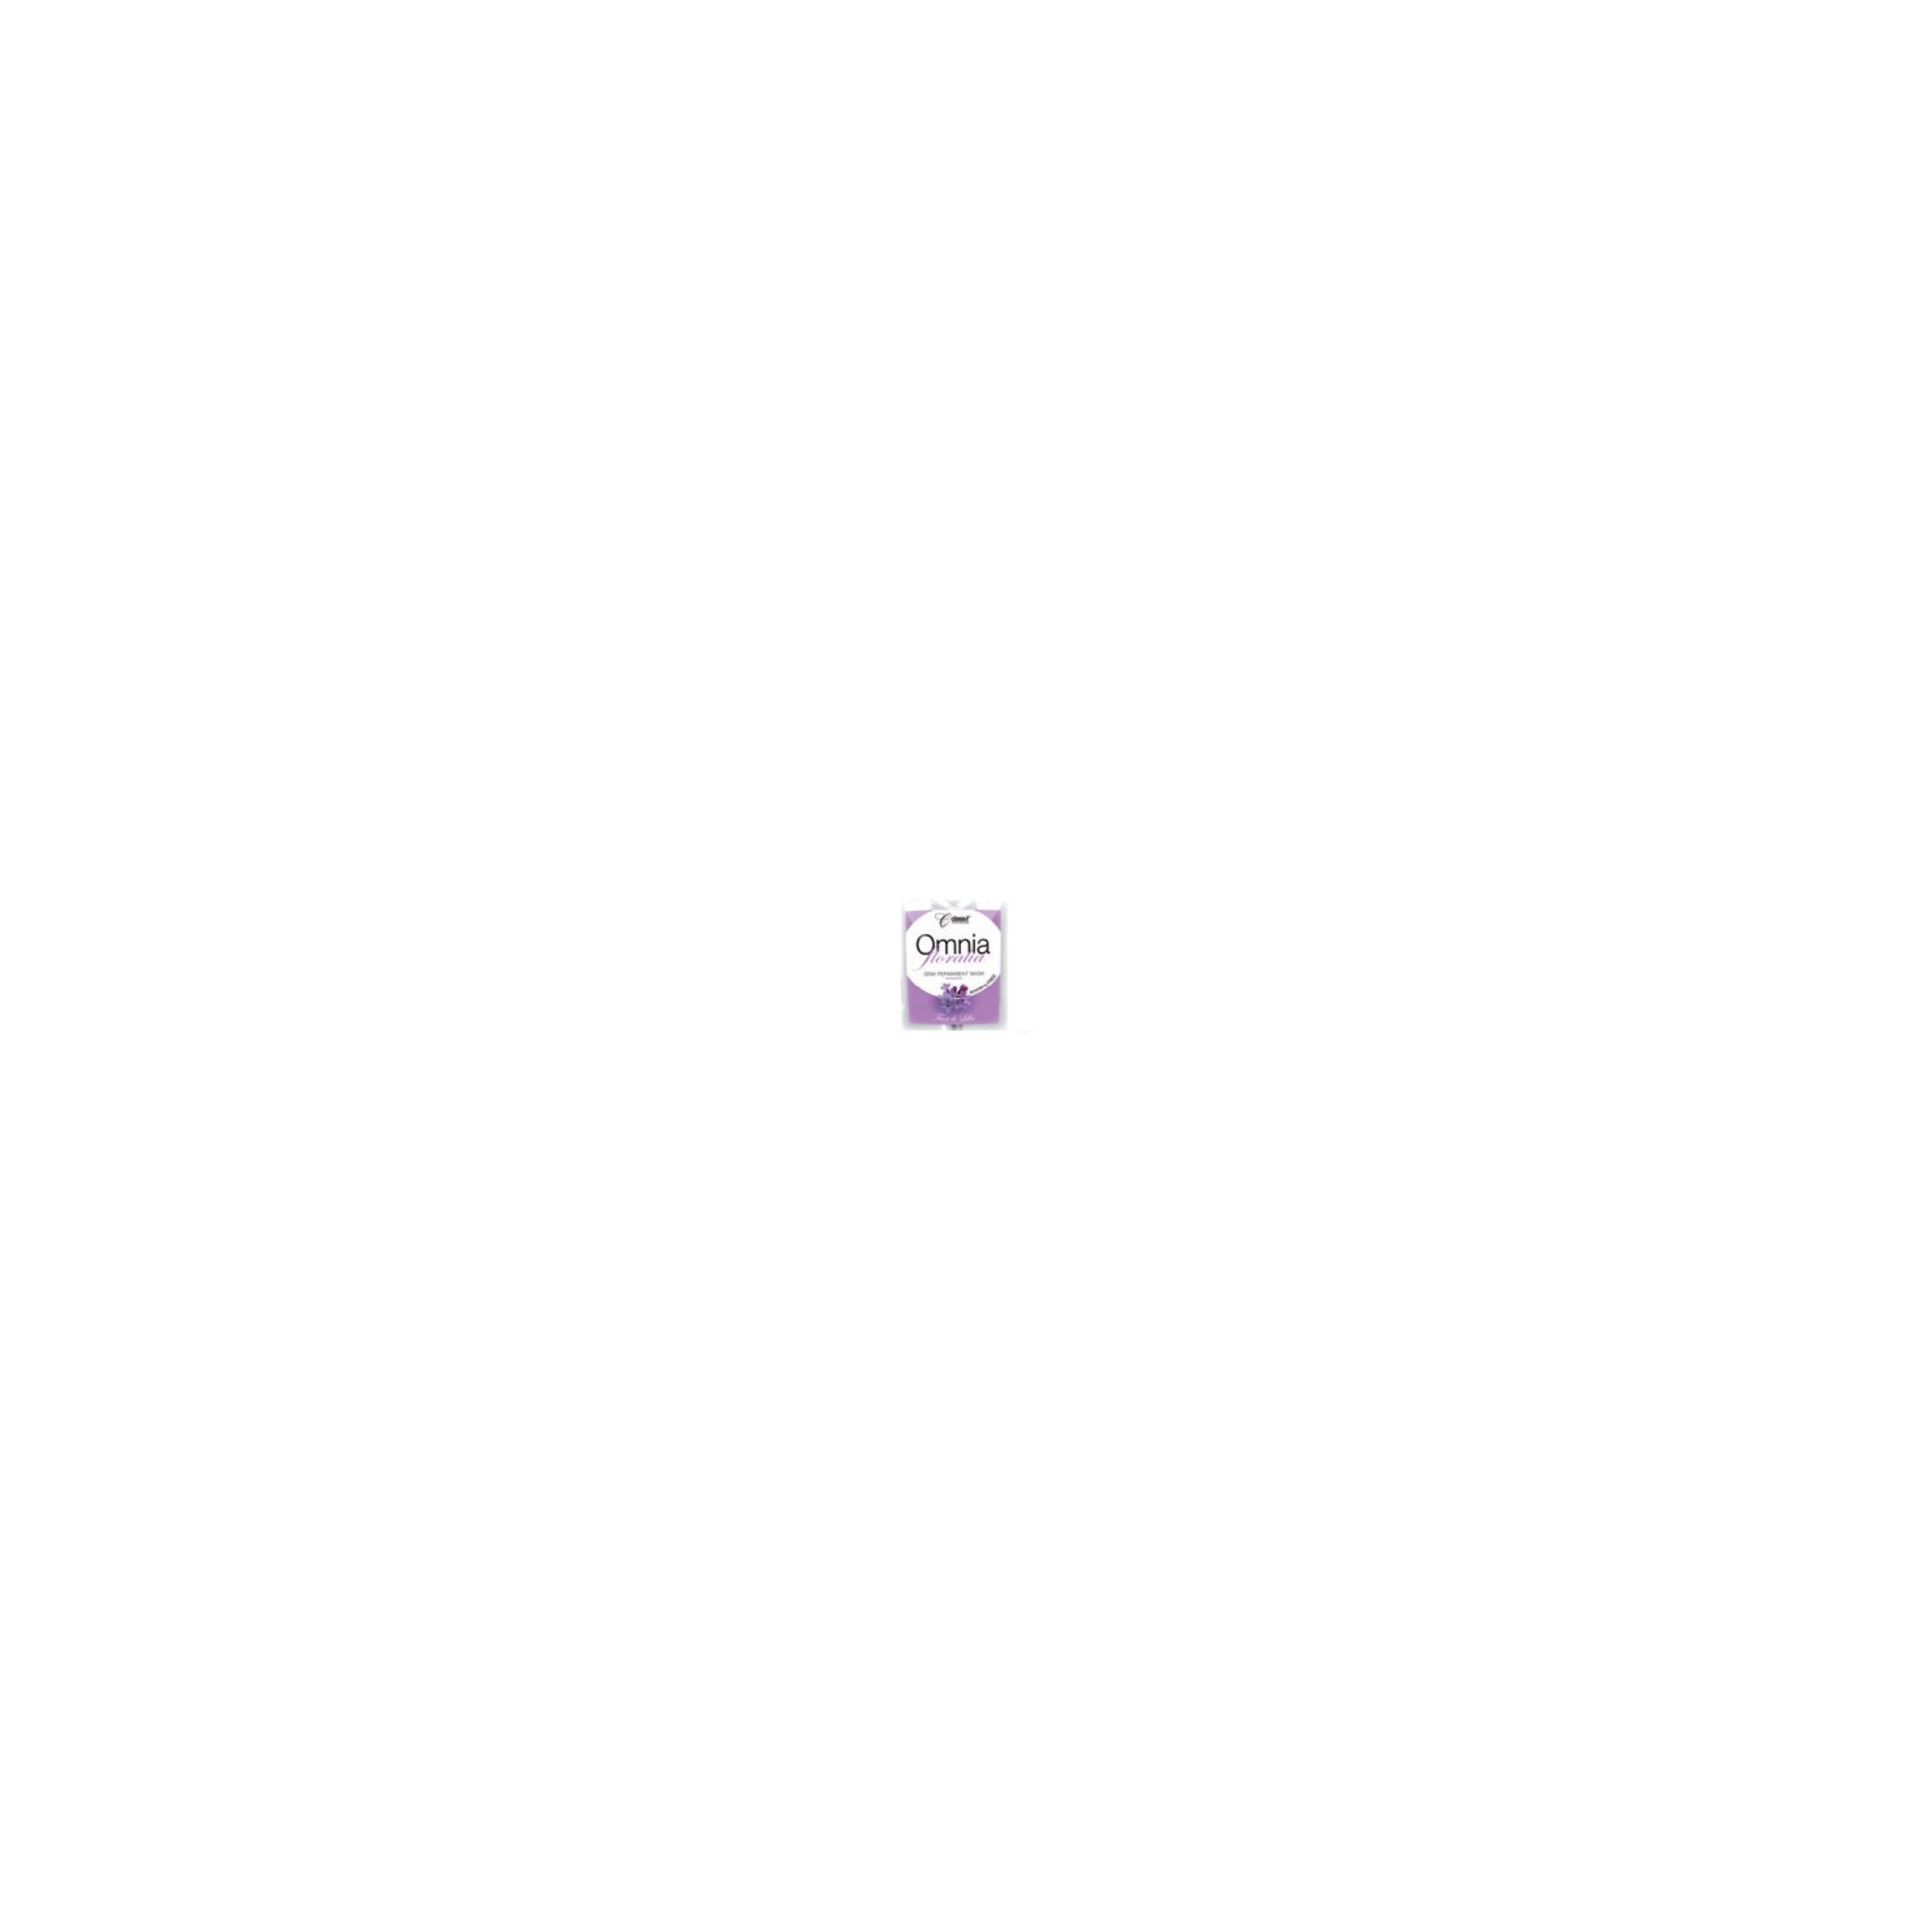 Omnia floralia - Maschera semipermanente Fiore di Lilla